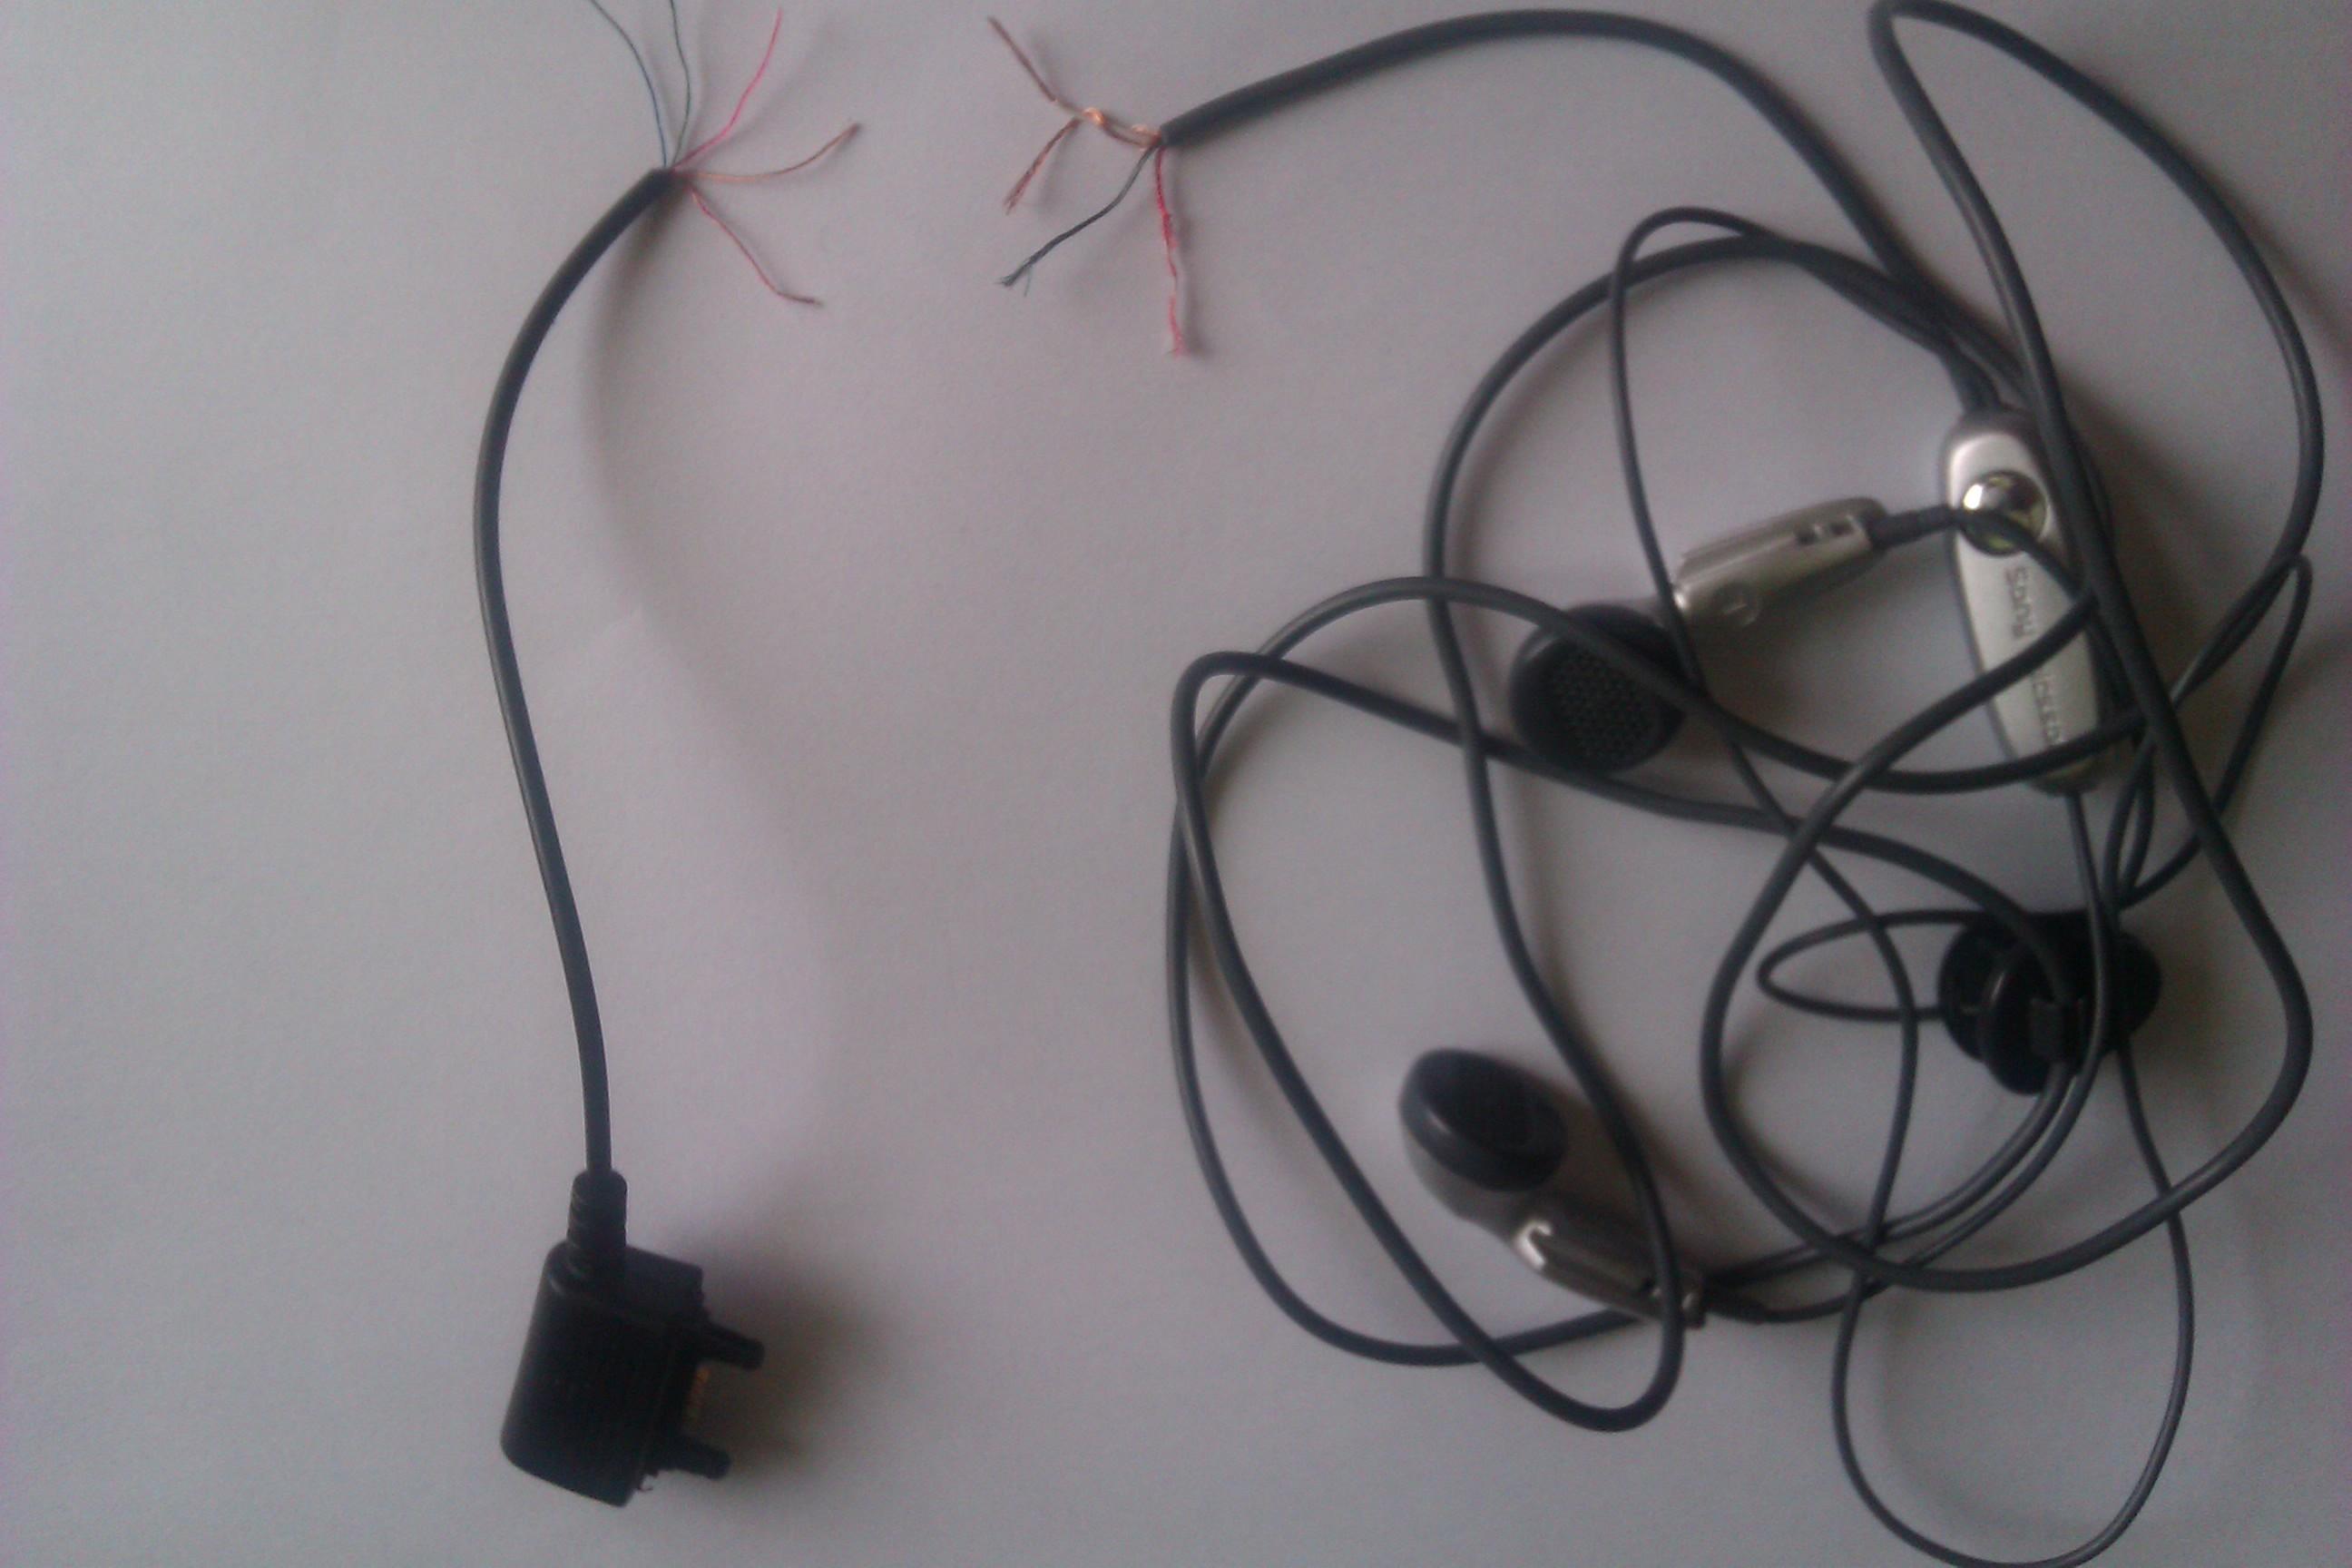 Sony Ericsson k750 - Przerobienie s�uchawek Sony Ericsson